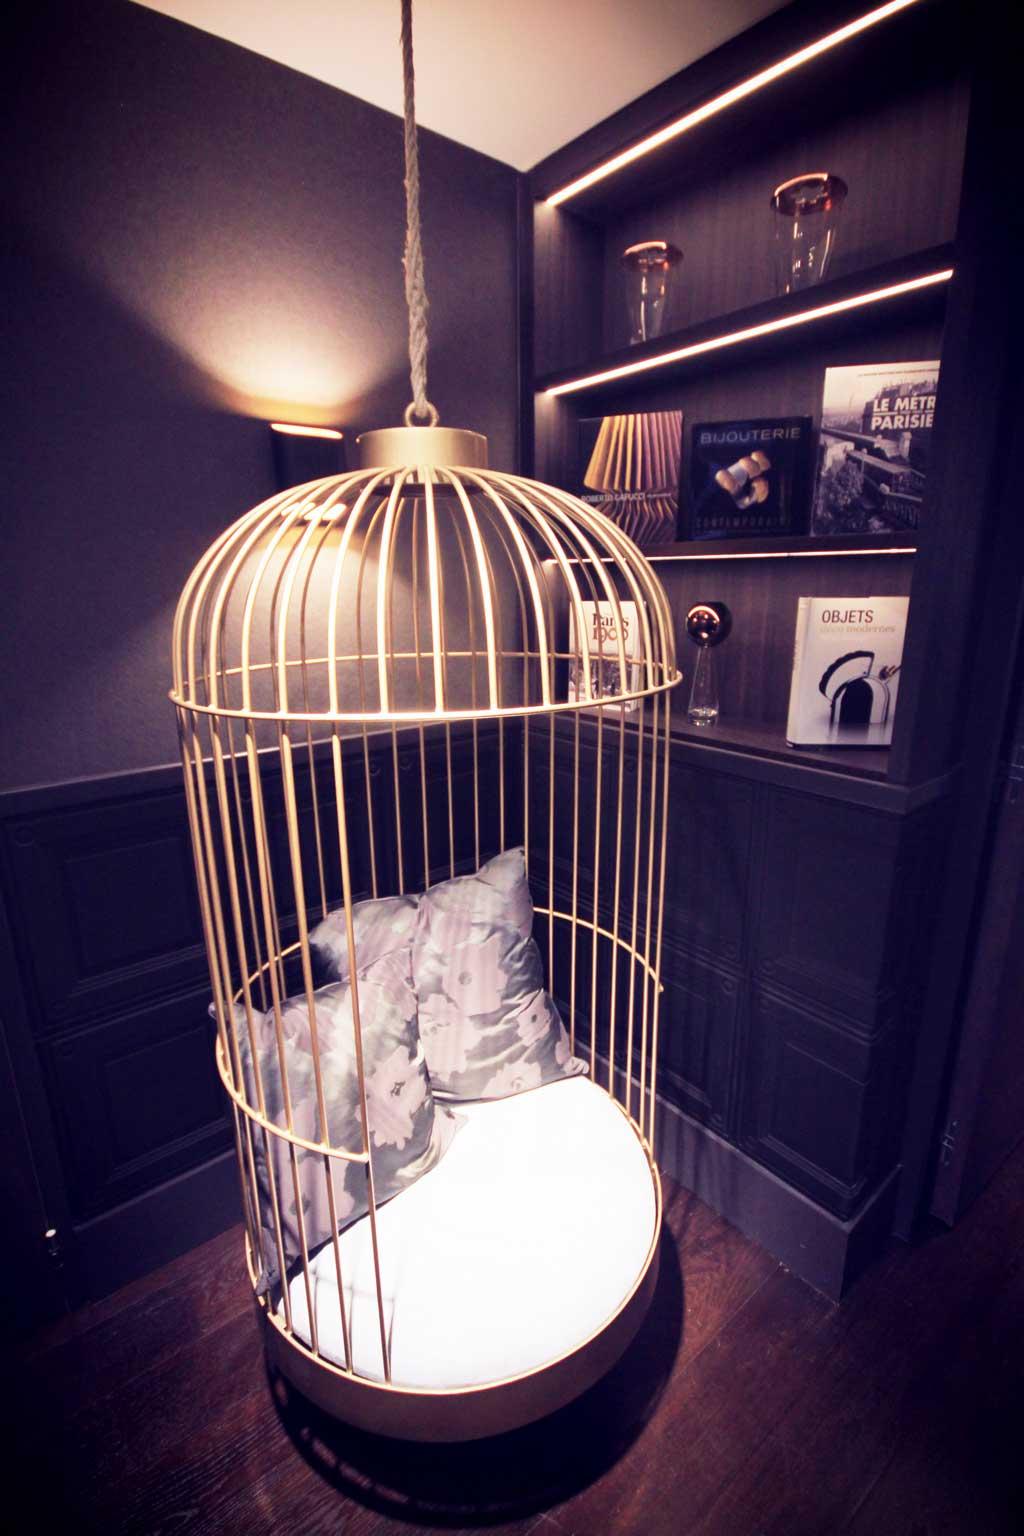 Hotel-Parisis-Paris-11